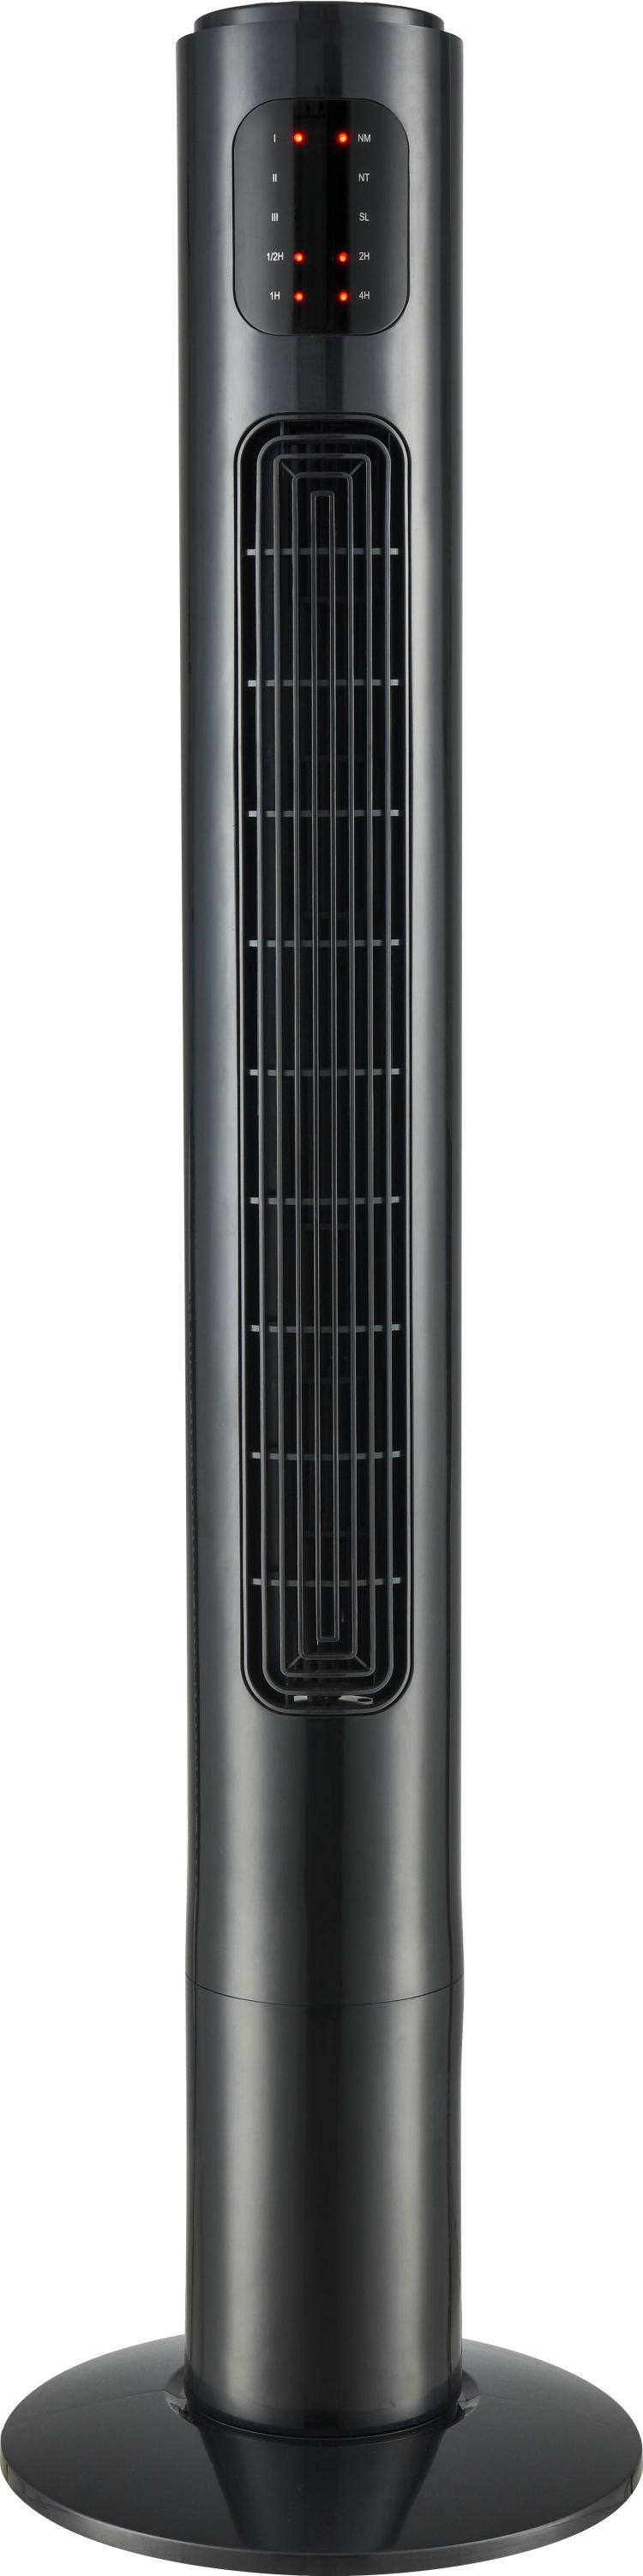 46 inch Tower Fan